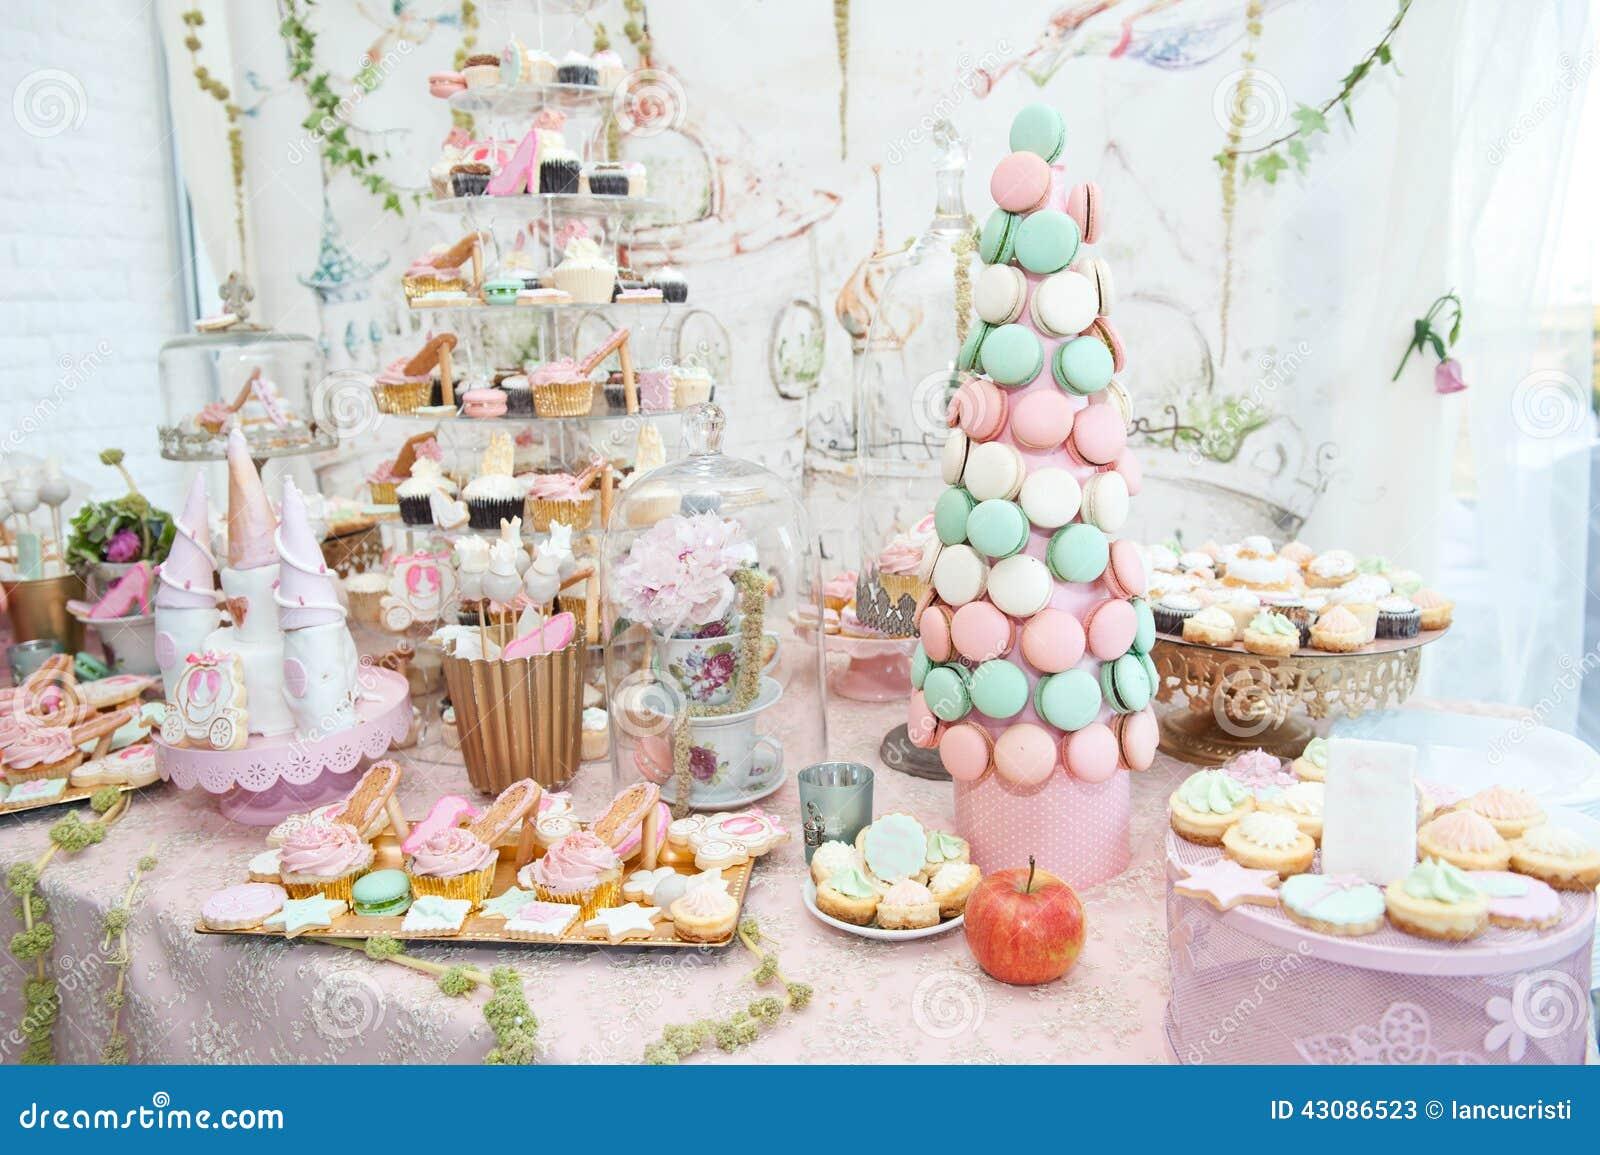 Stockfoto: Hochzeitsdekoration mit Pastell färbte kleine Kuchen ...